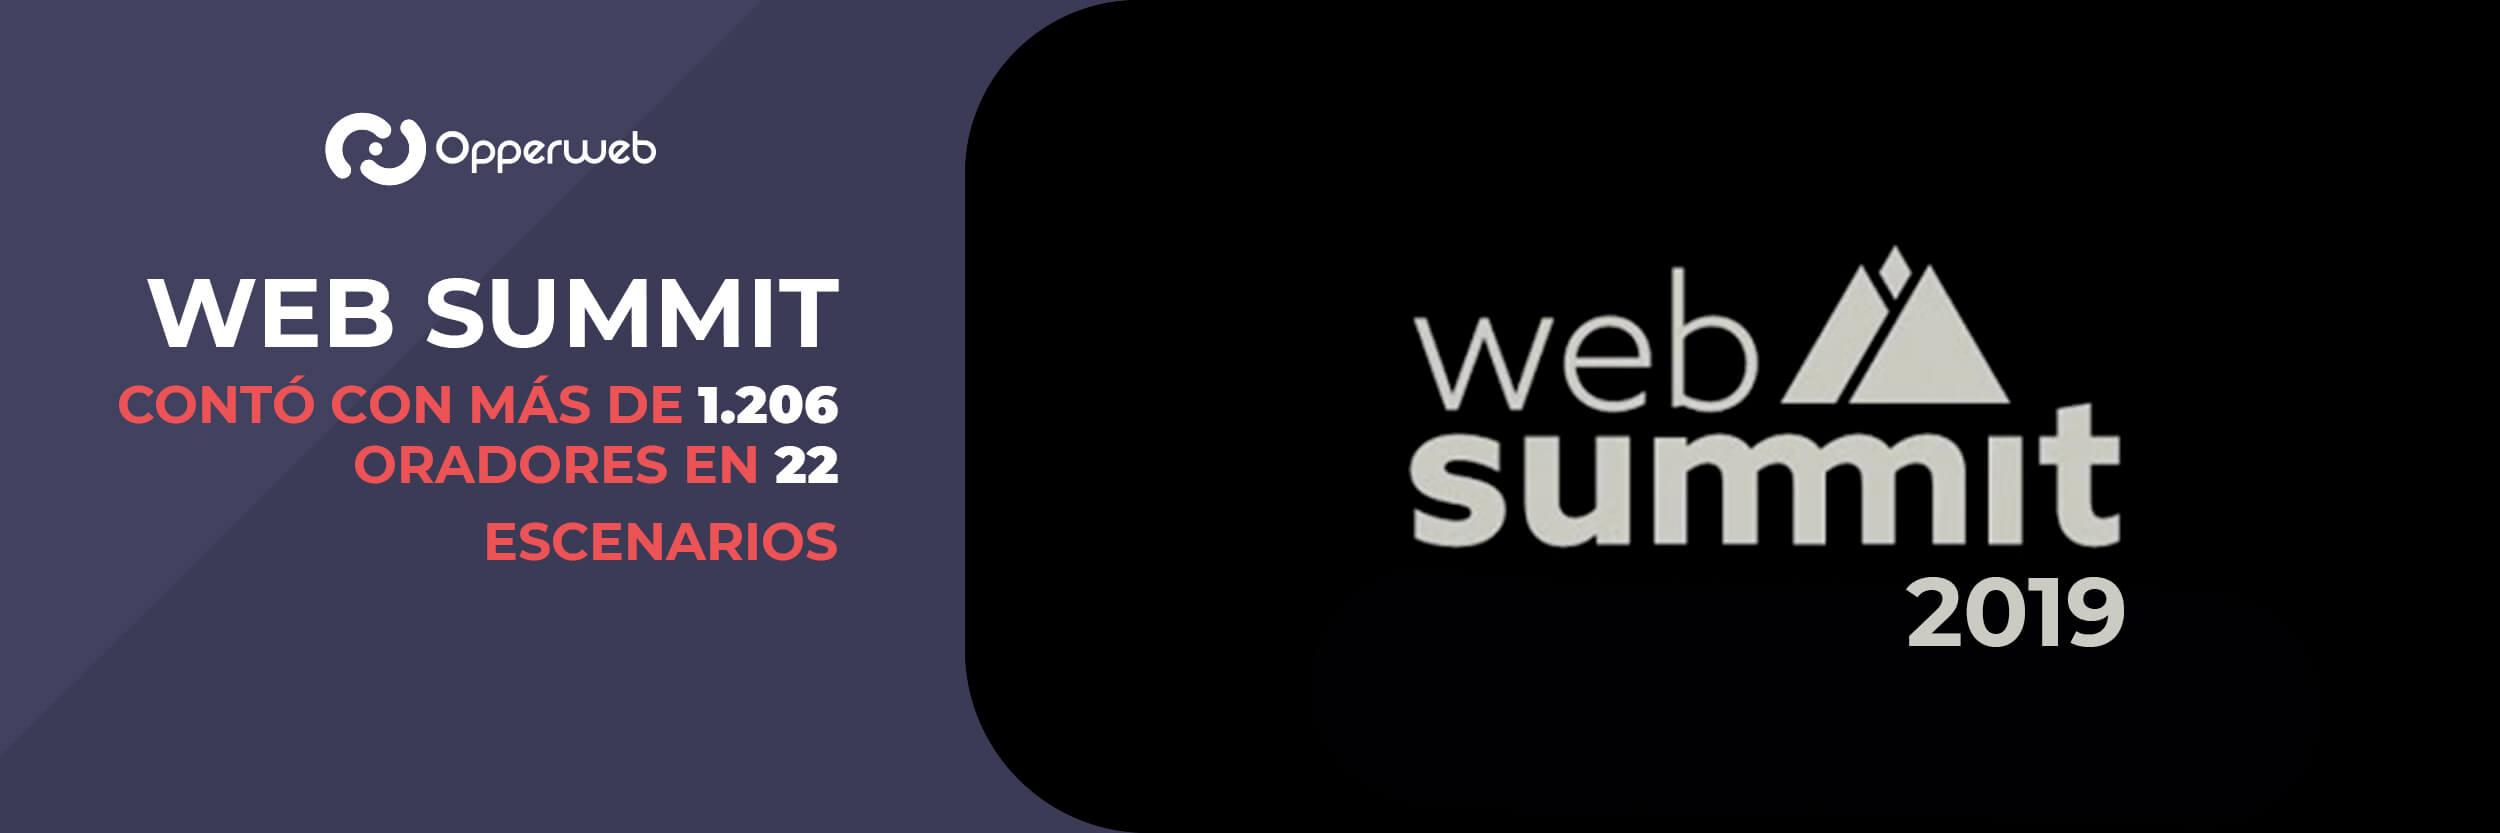 El Web Summit contó con más de 1.206 oradores en 22 escenarios